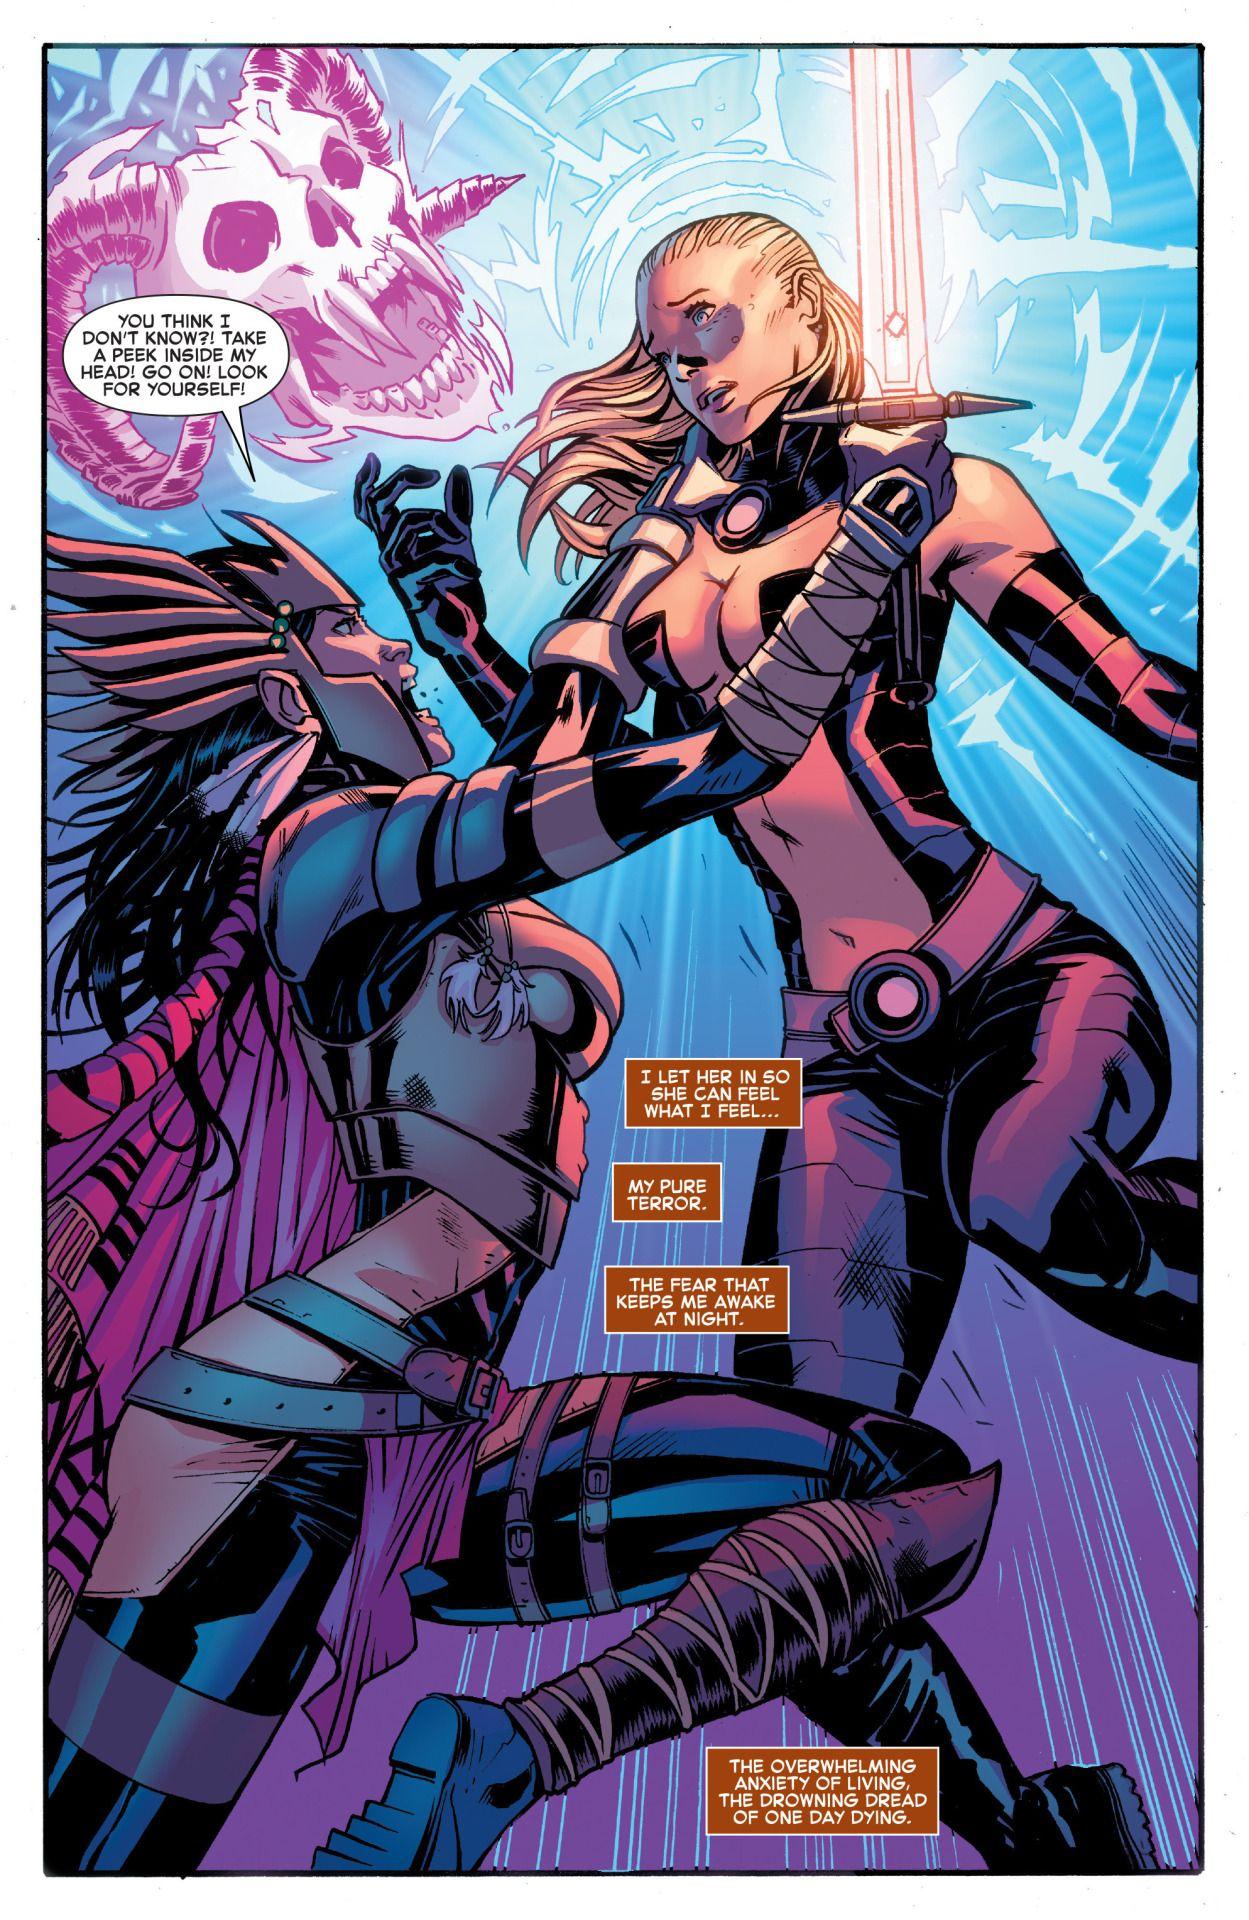 All New X Men Annual 1 Comics Comics Girls Comic Books Art